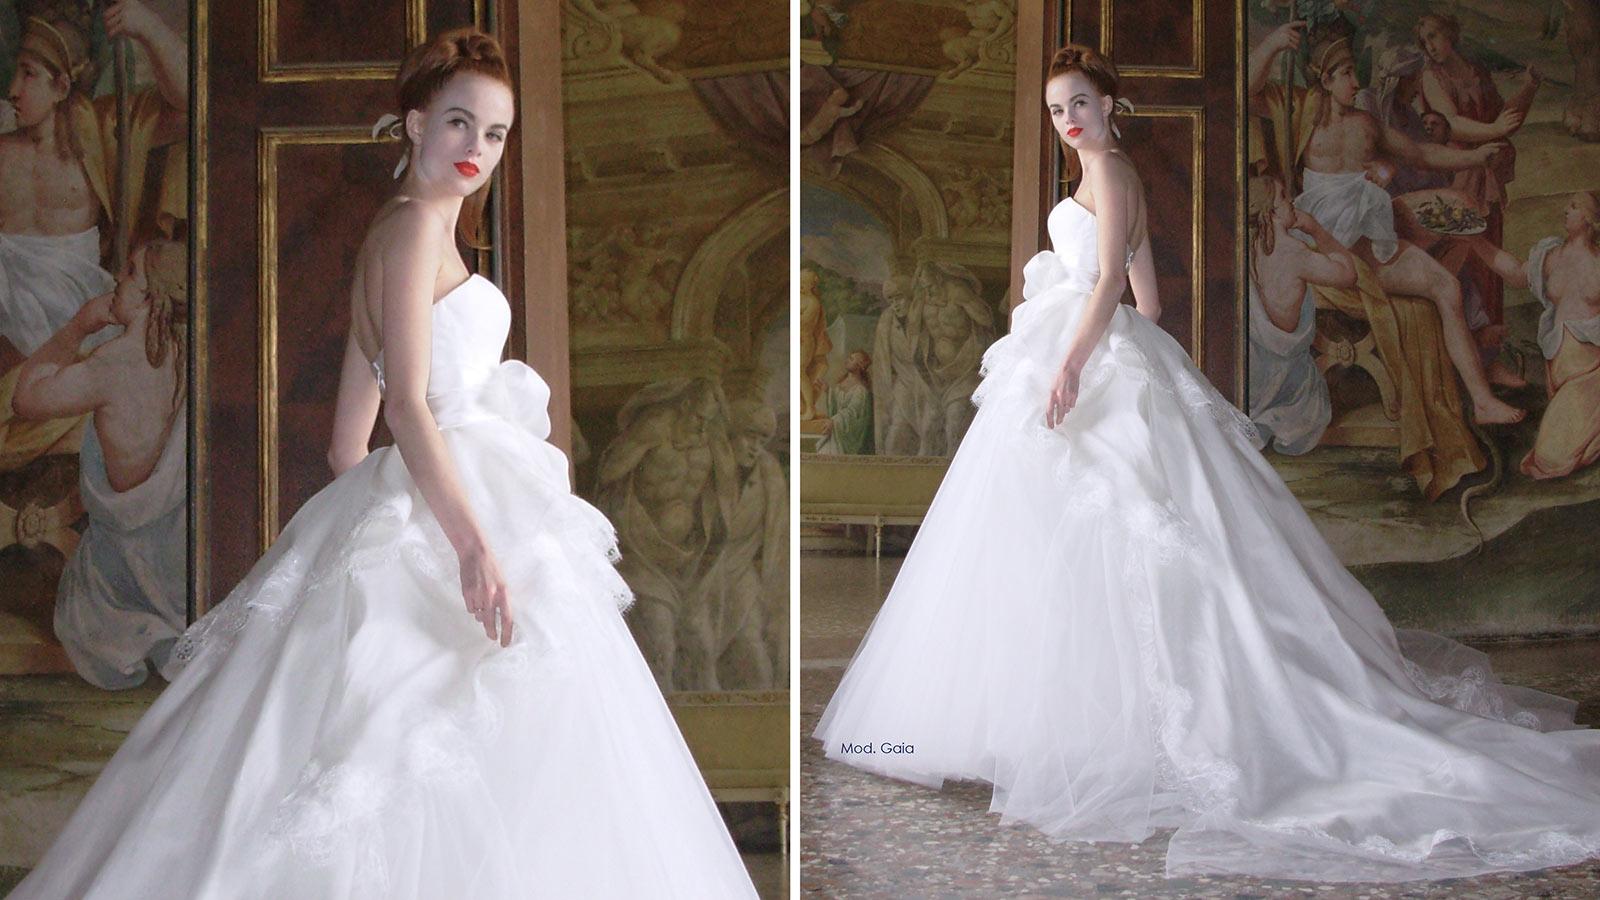 Atelier Aimee collezione 2015 abiti sposa (18)  ABITI DA SPOSA